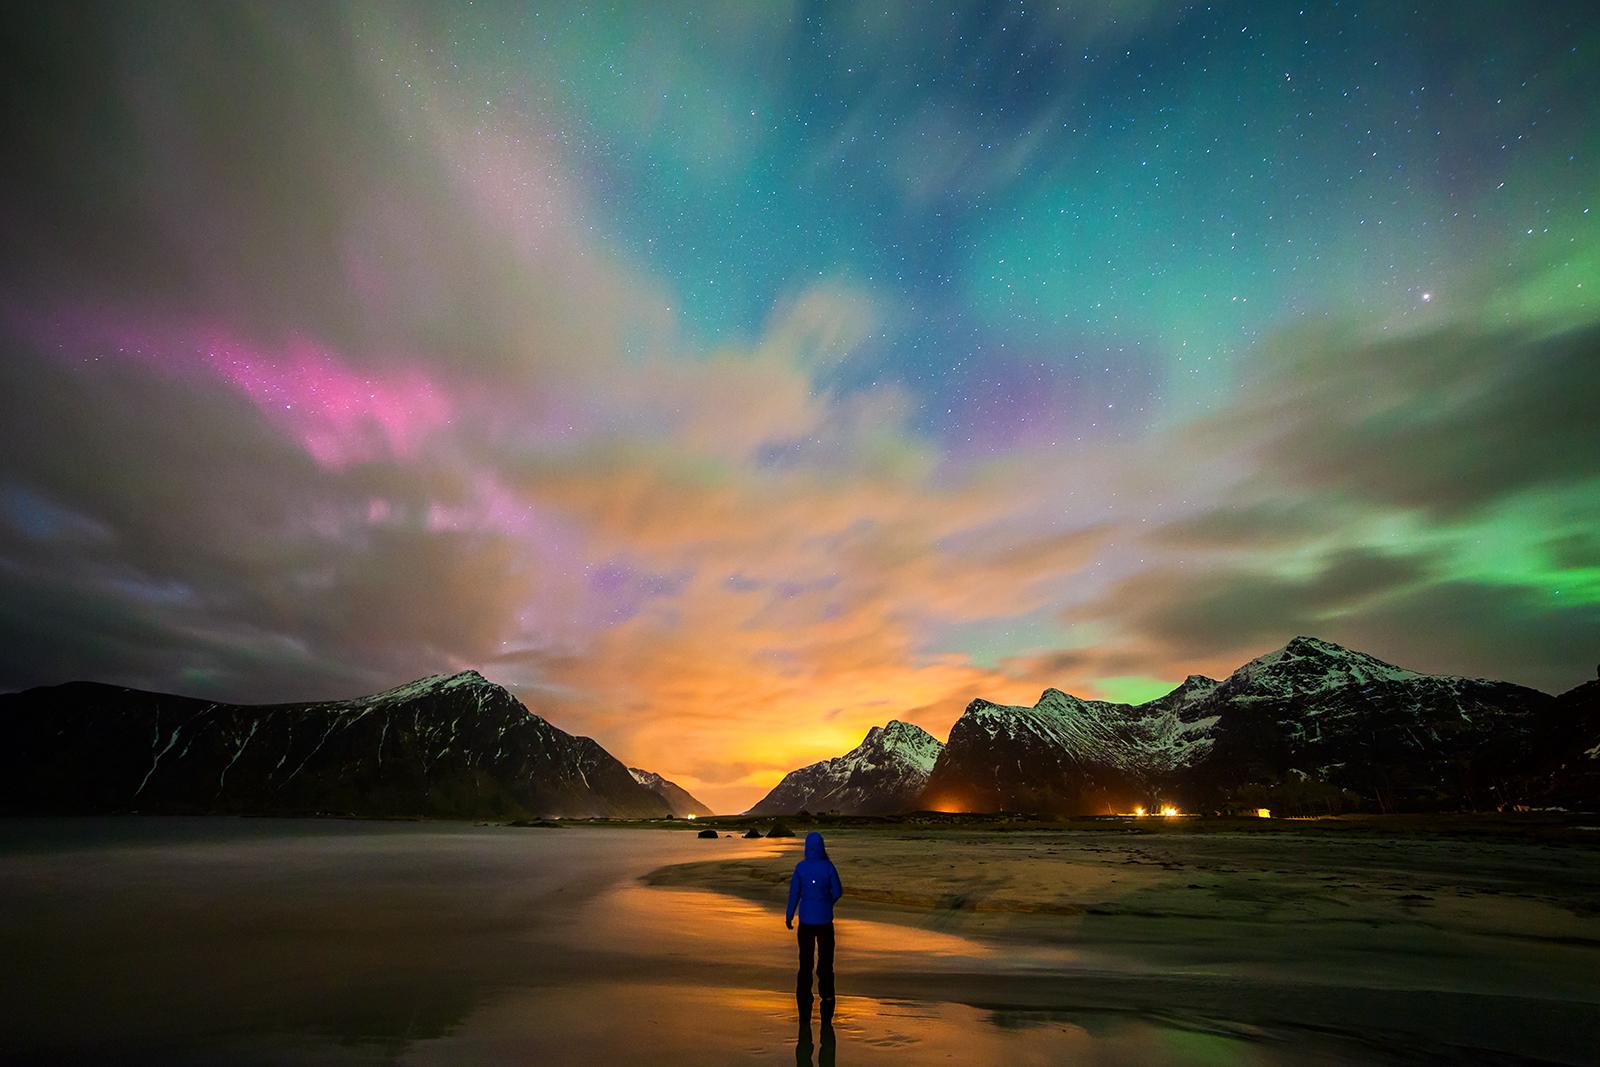 Nordlicht Beleuchtung | Hintergrundbilder Langzeitbelichtung Berge Strand Farben